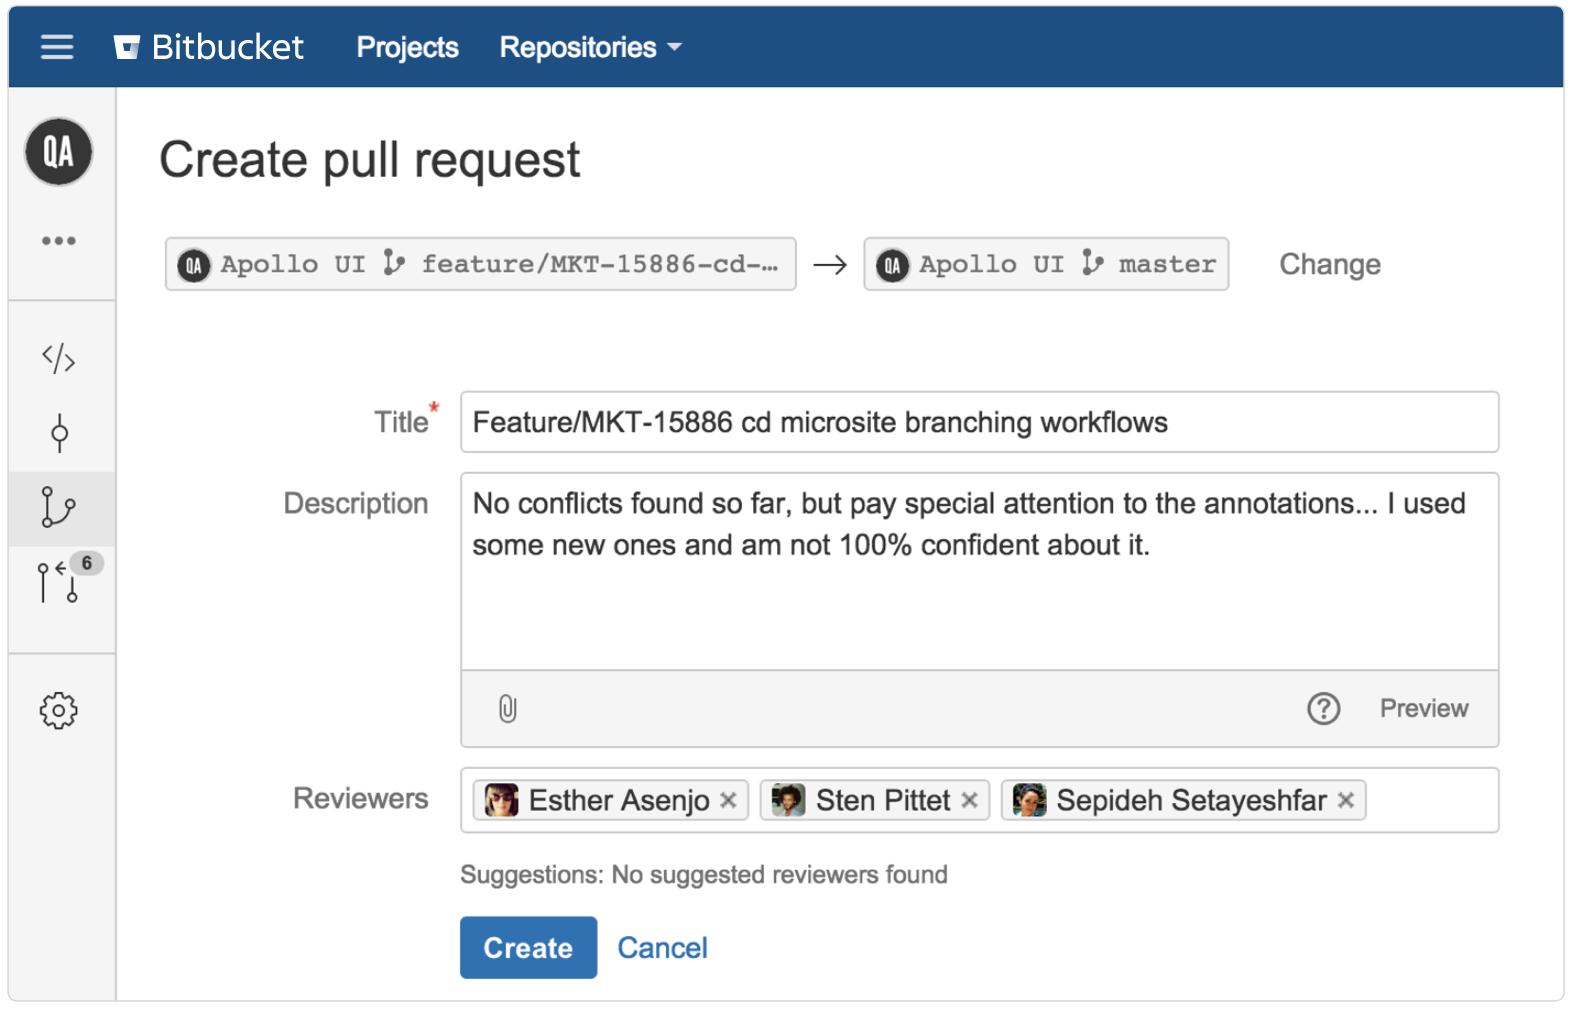 Captura de tela da solicitação pull dos fluxos de trabalho do Bitbucket | CI/CD da Atlassian